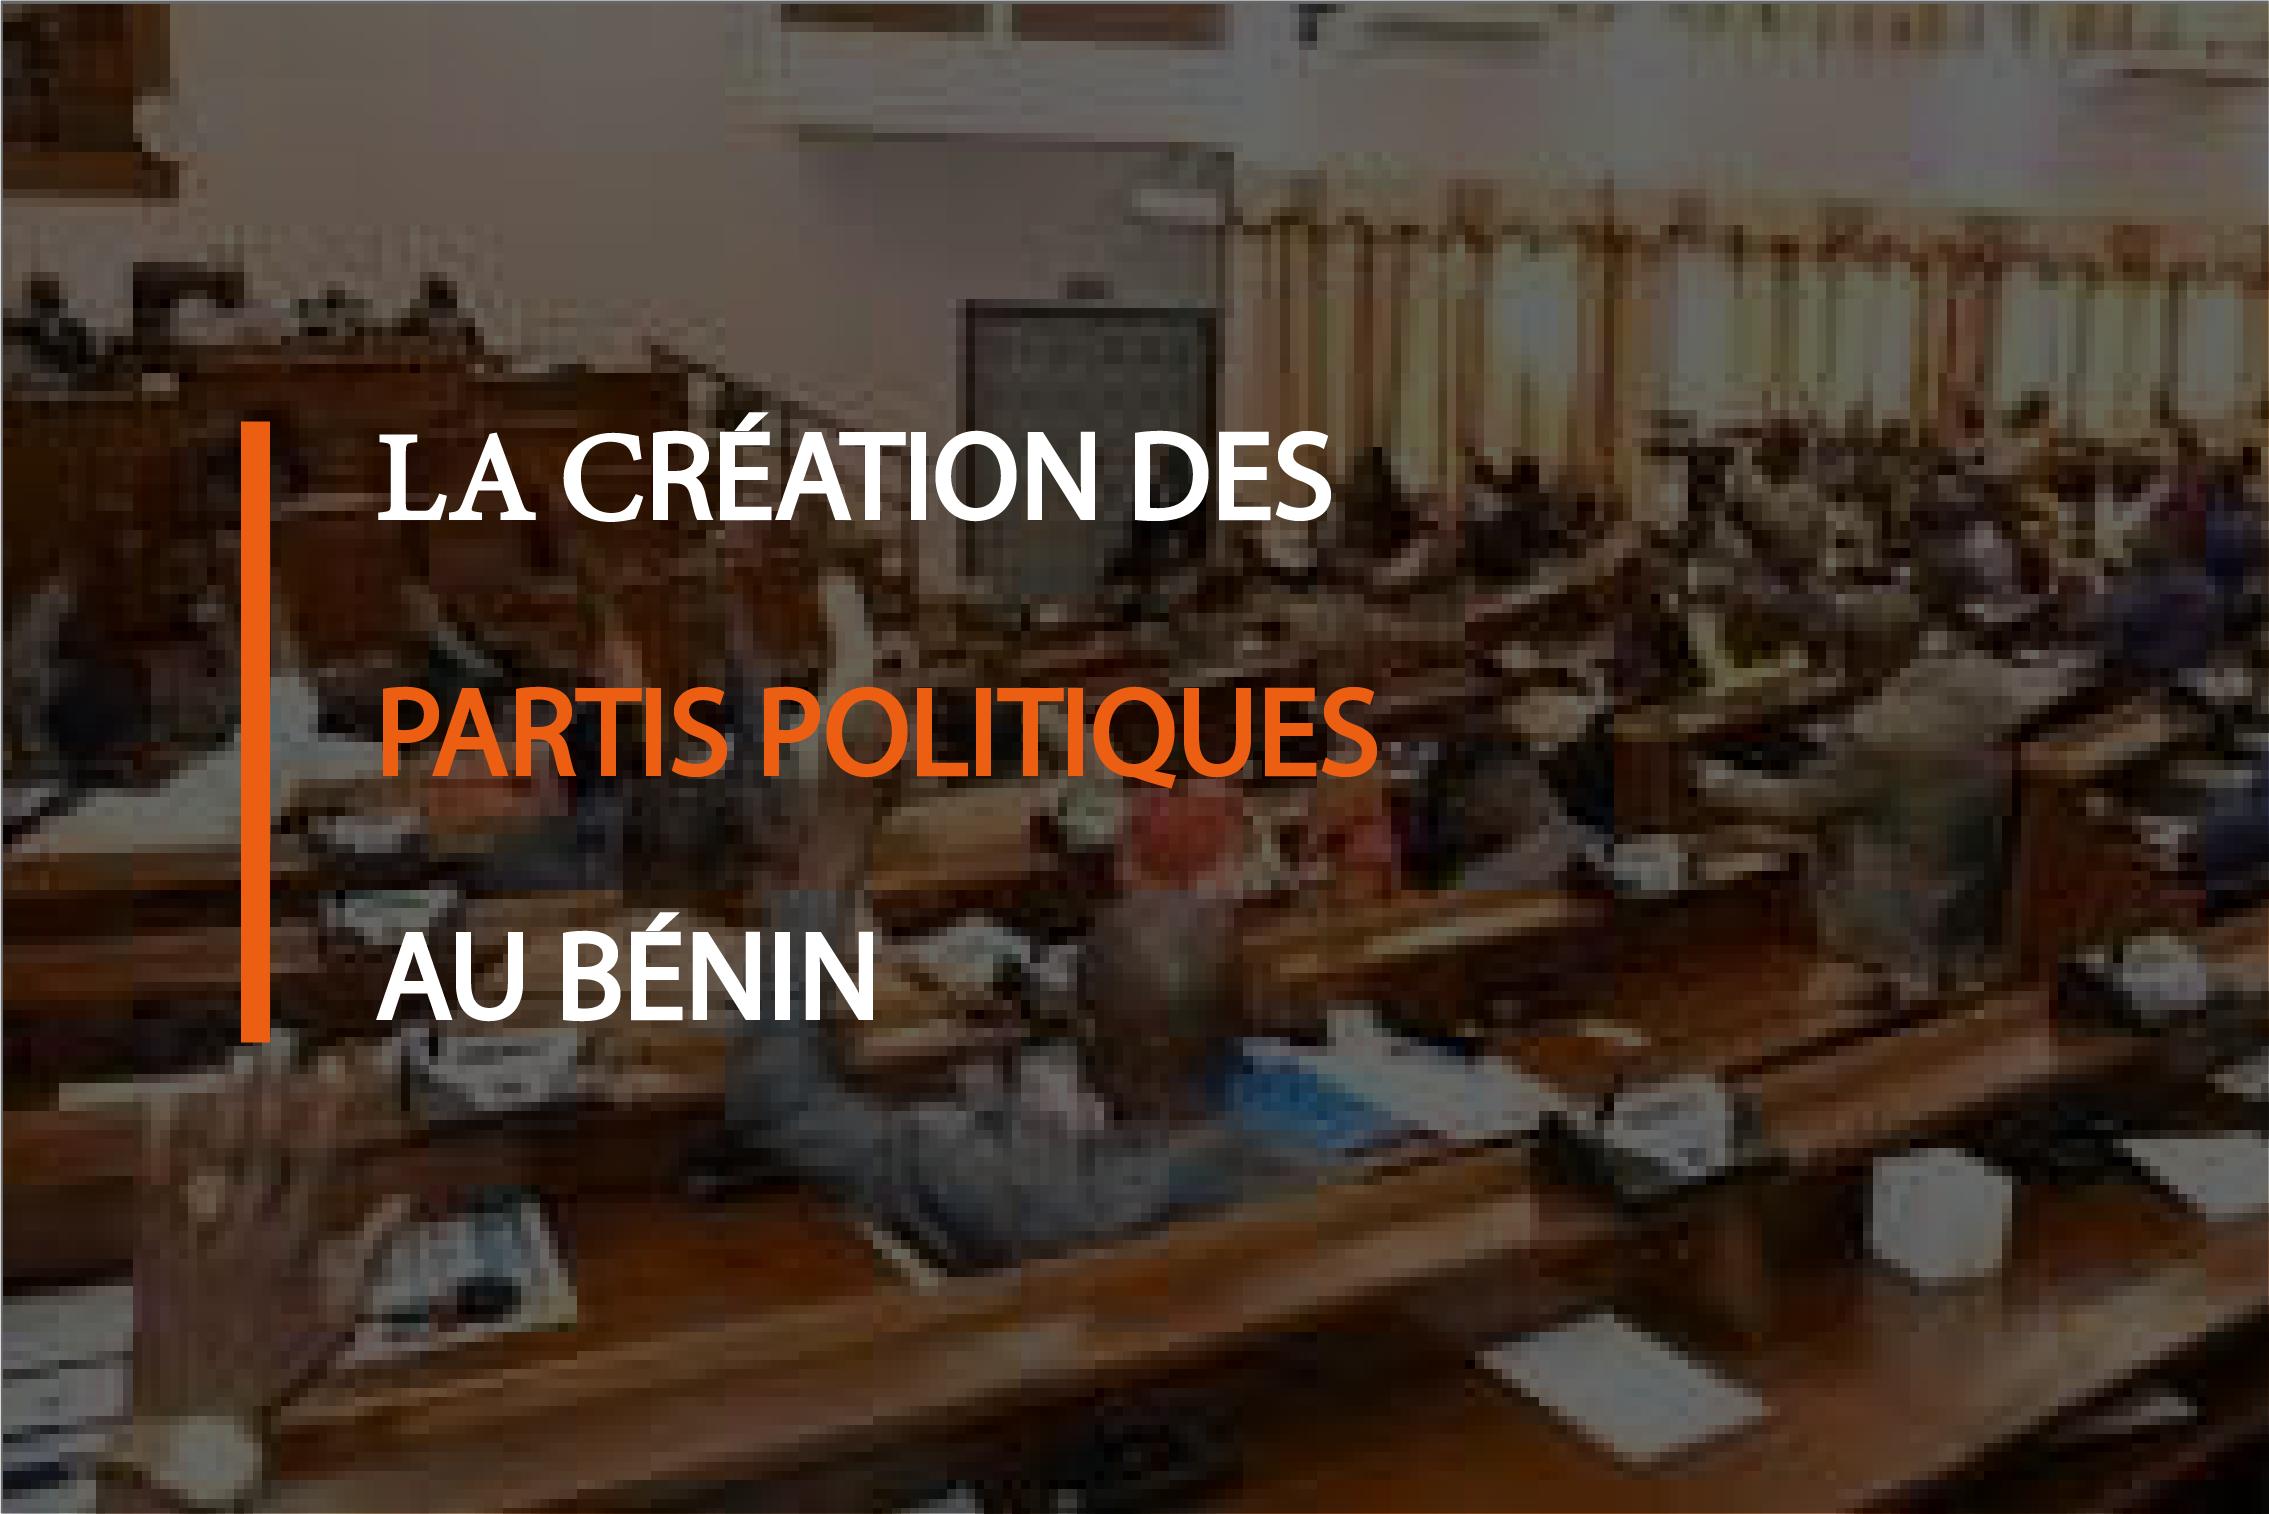 Création d'un parti politique